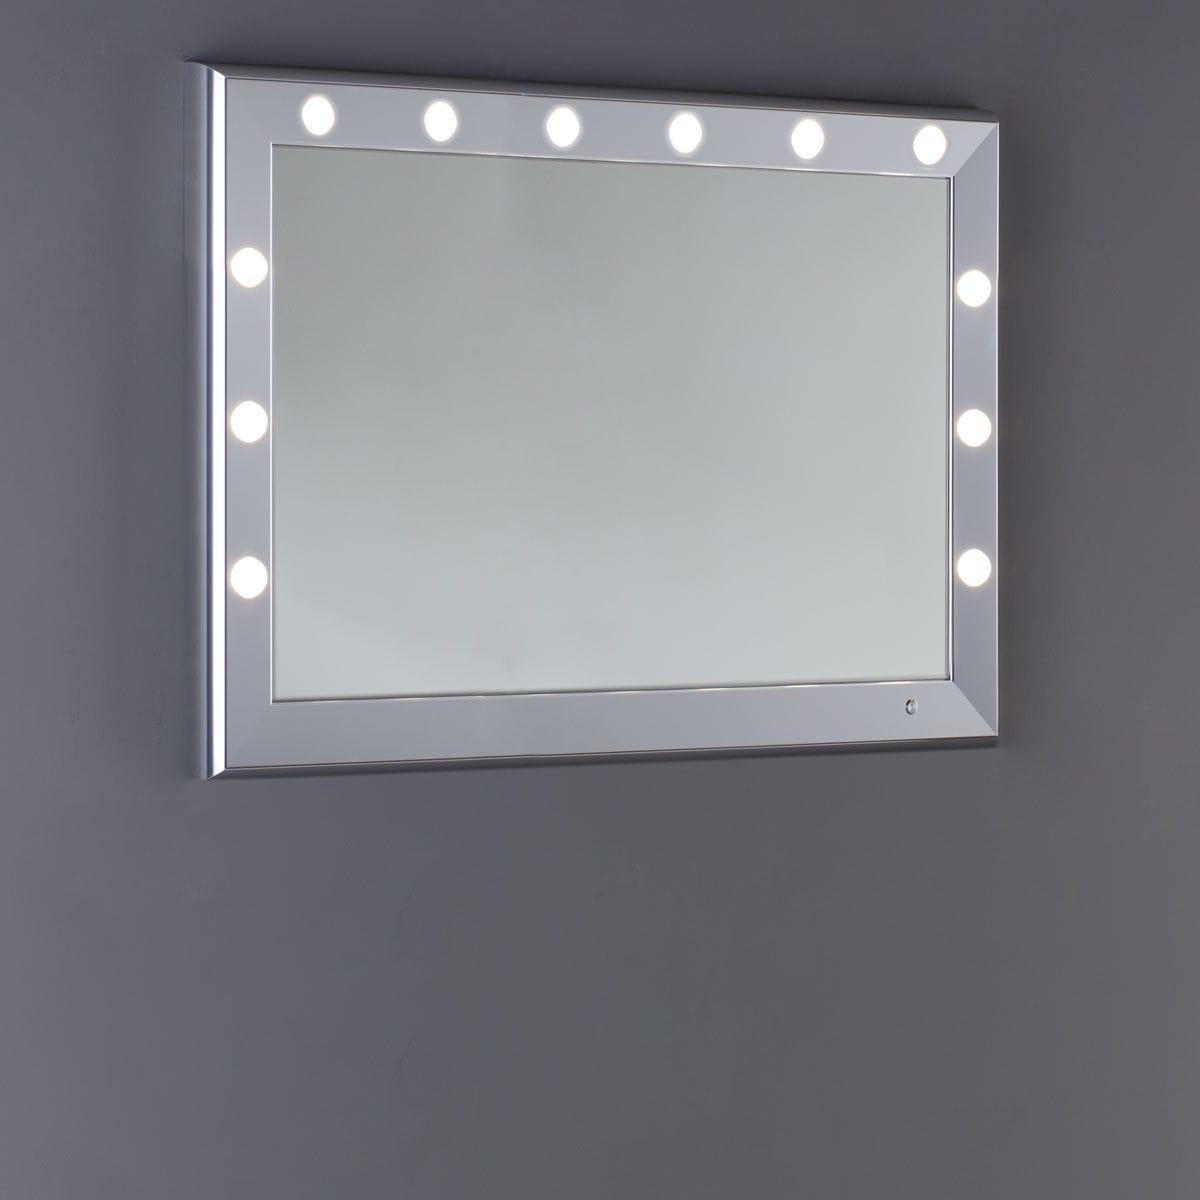 Specchio a muro / luminoso / da sala / per camera da letto ...